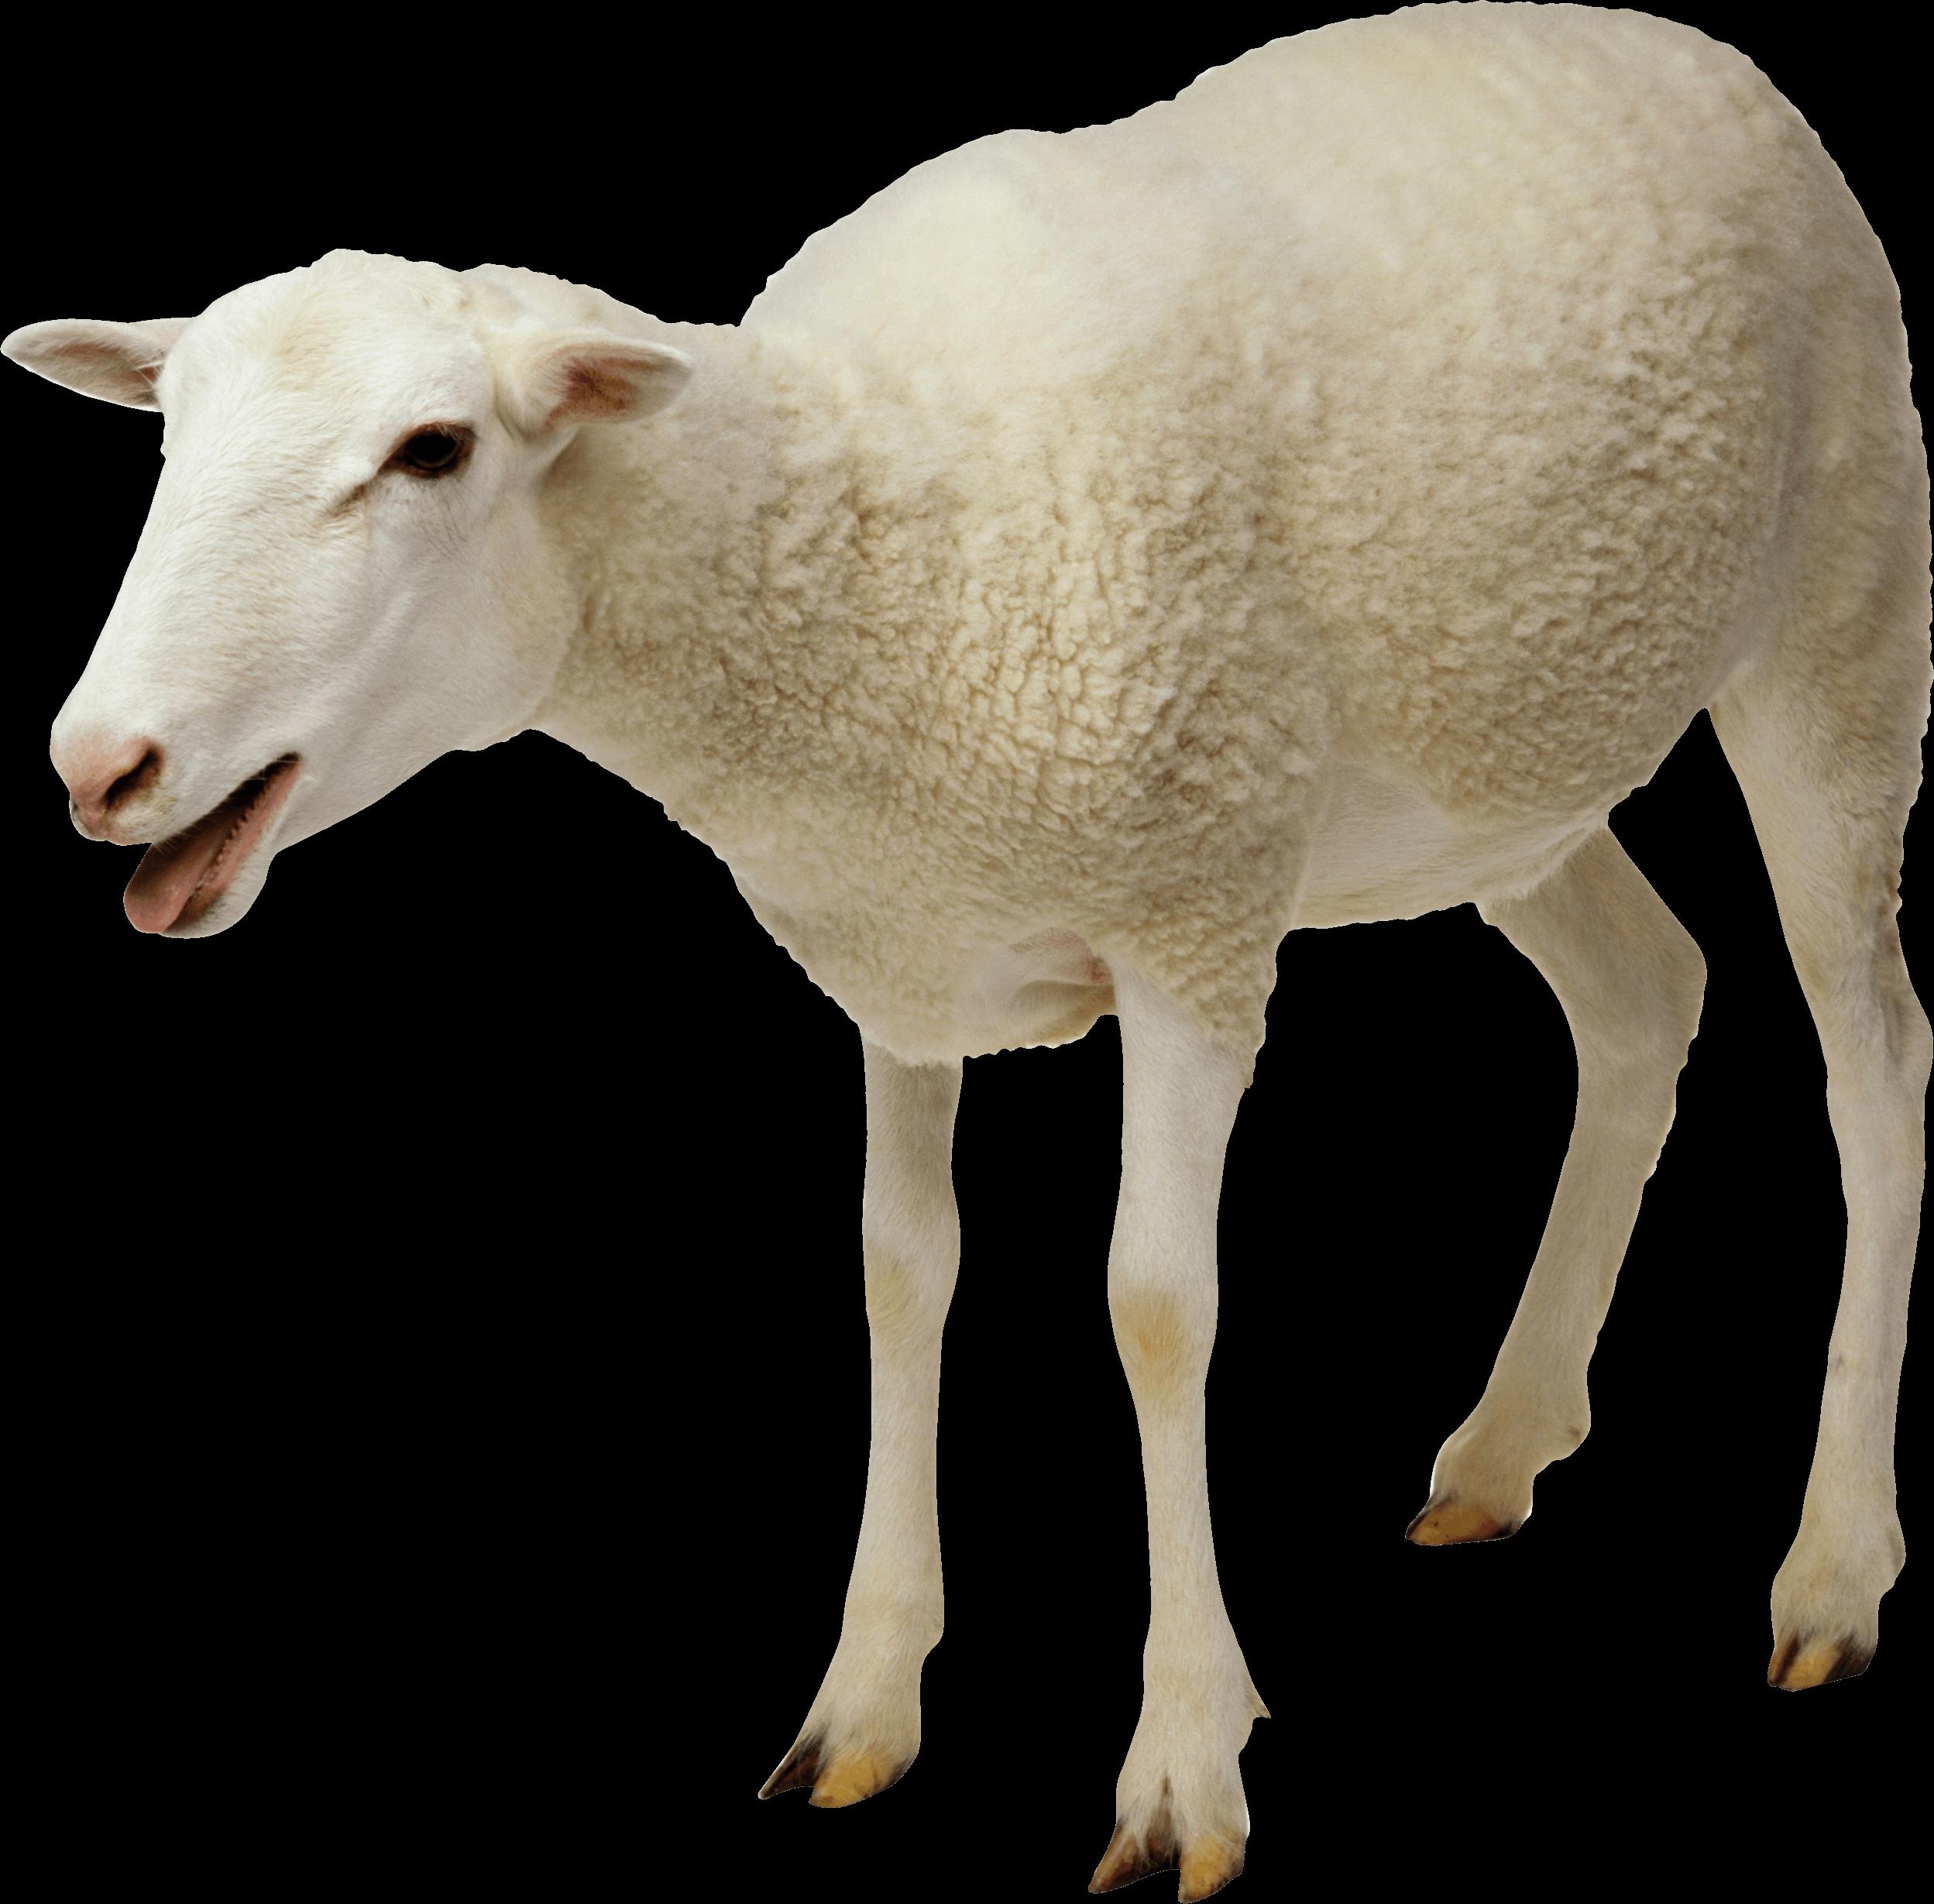 Sheep Png Image PNG Image - Sheep HD PNG